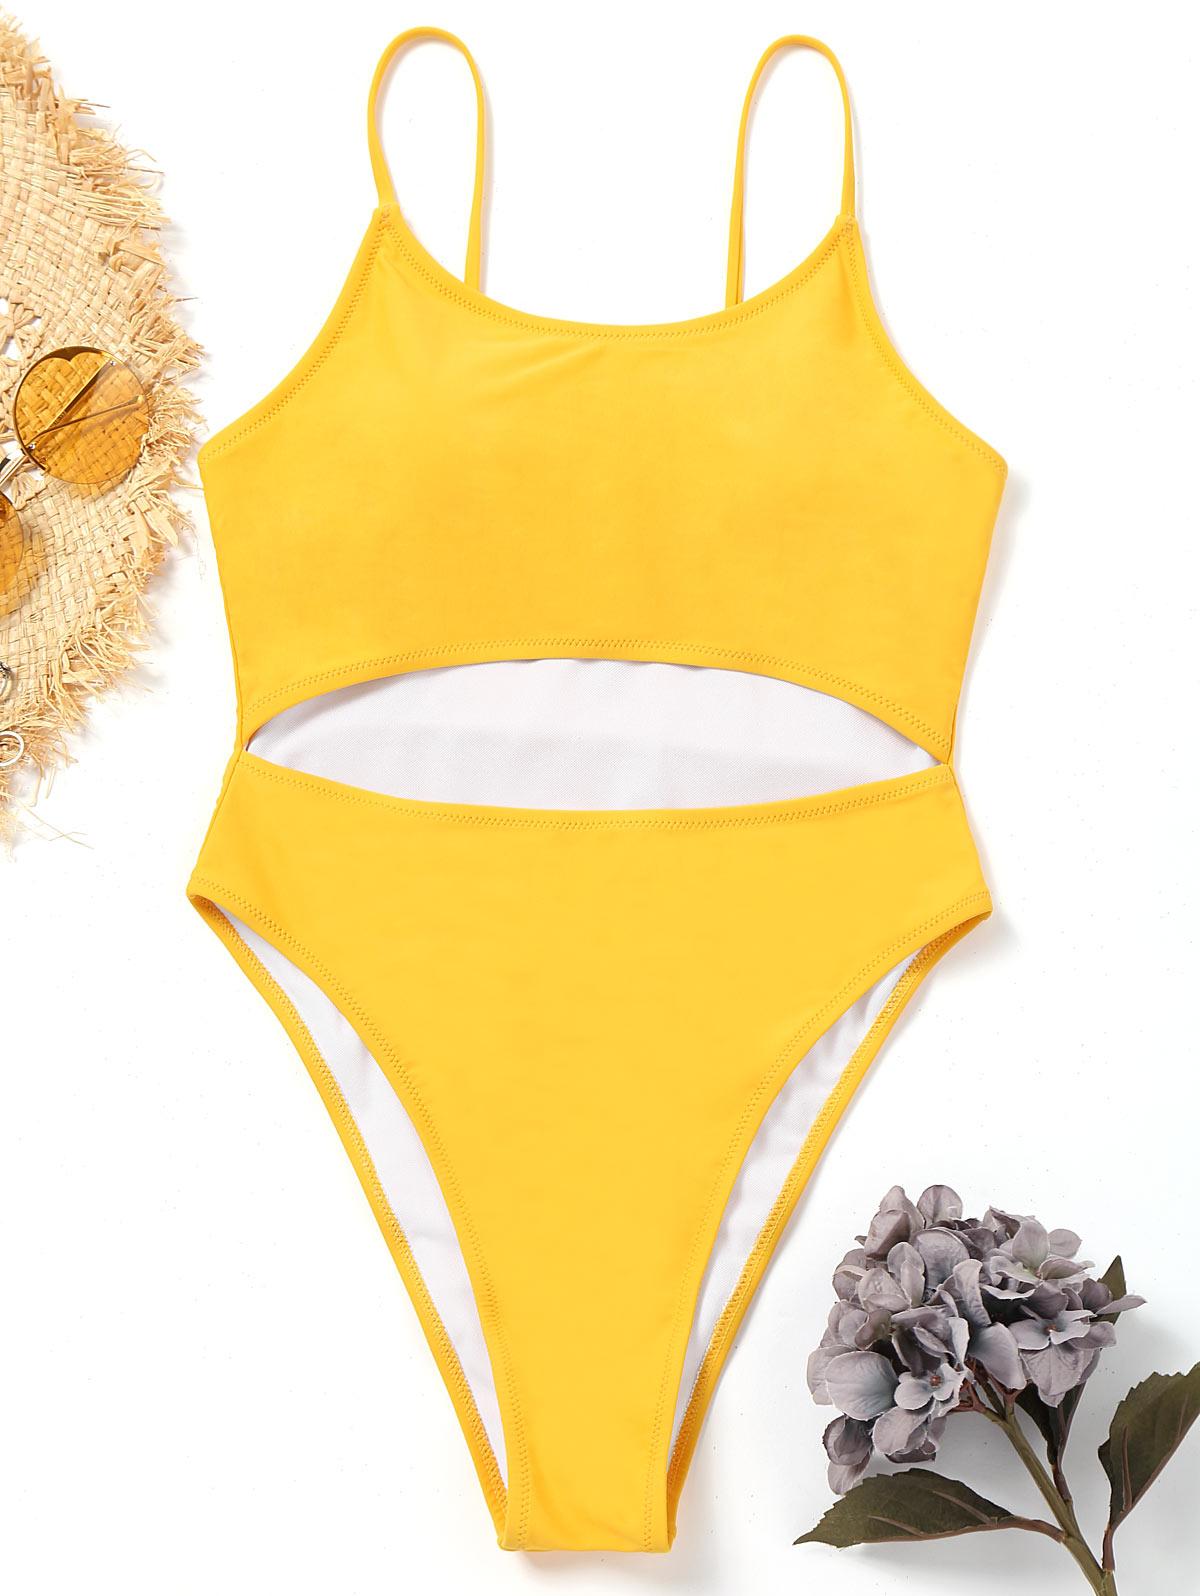 ZAFUL New Women Swimwear One Piece Cut Out High Leg Swimwear Spaghetti Straps Natural Waist Sexy Lady Beach Summer Swimsuit